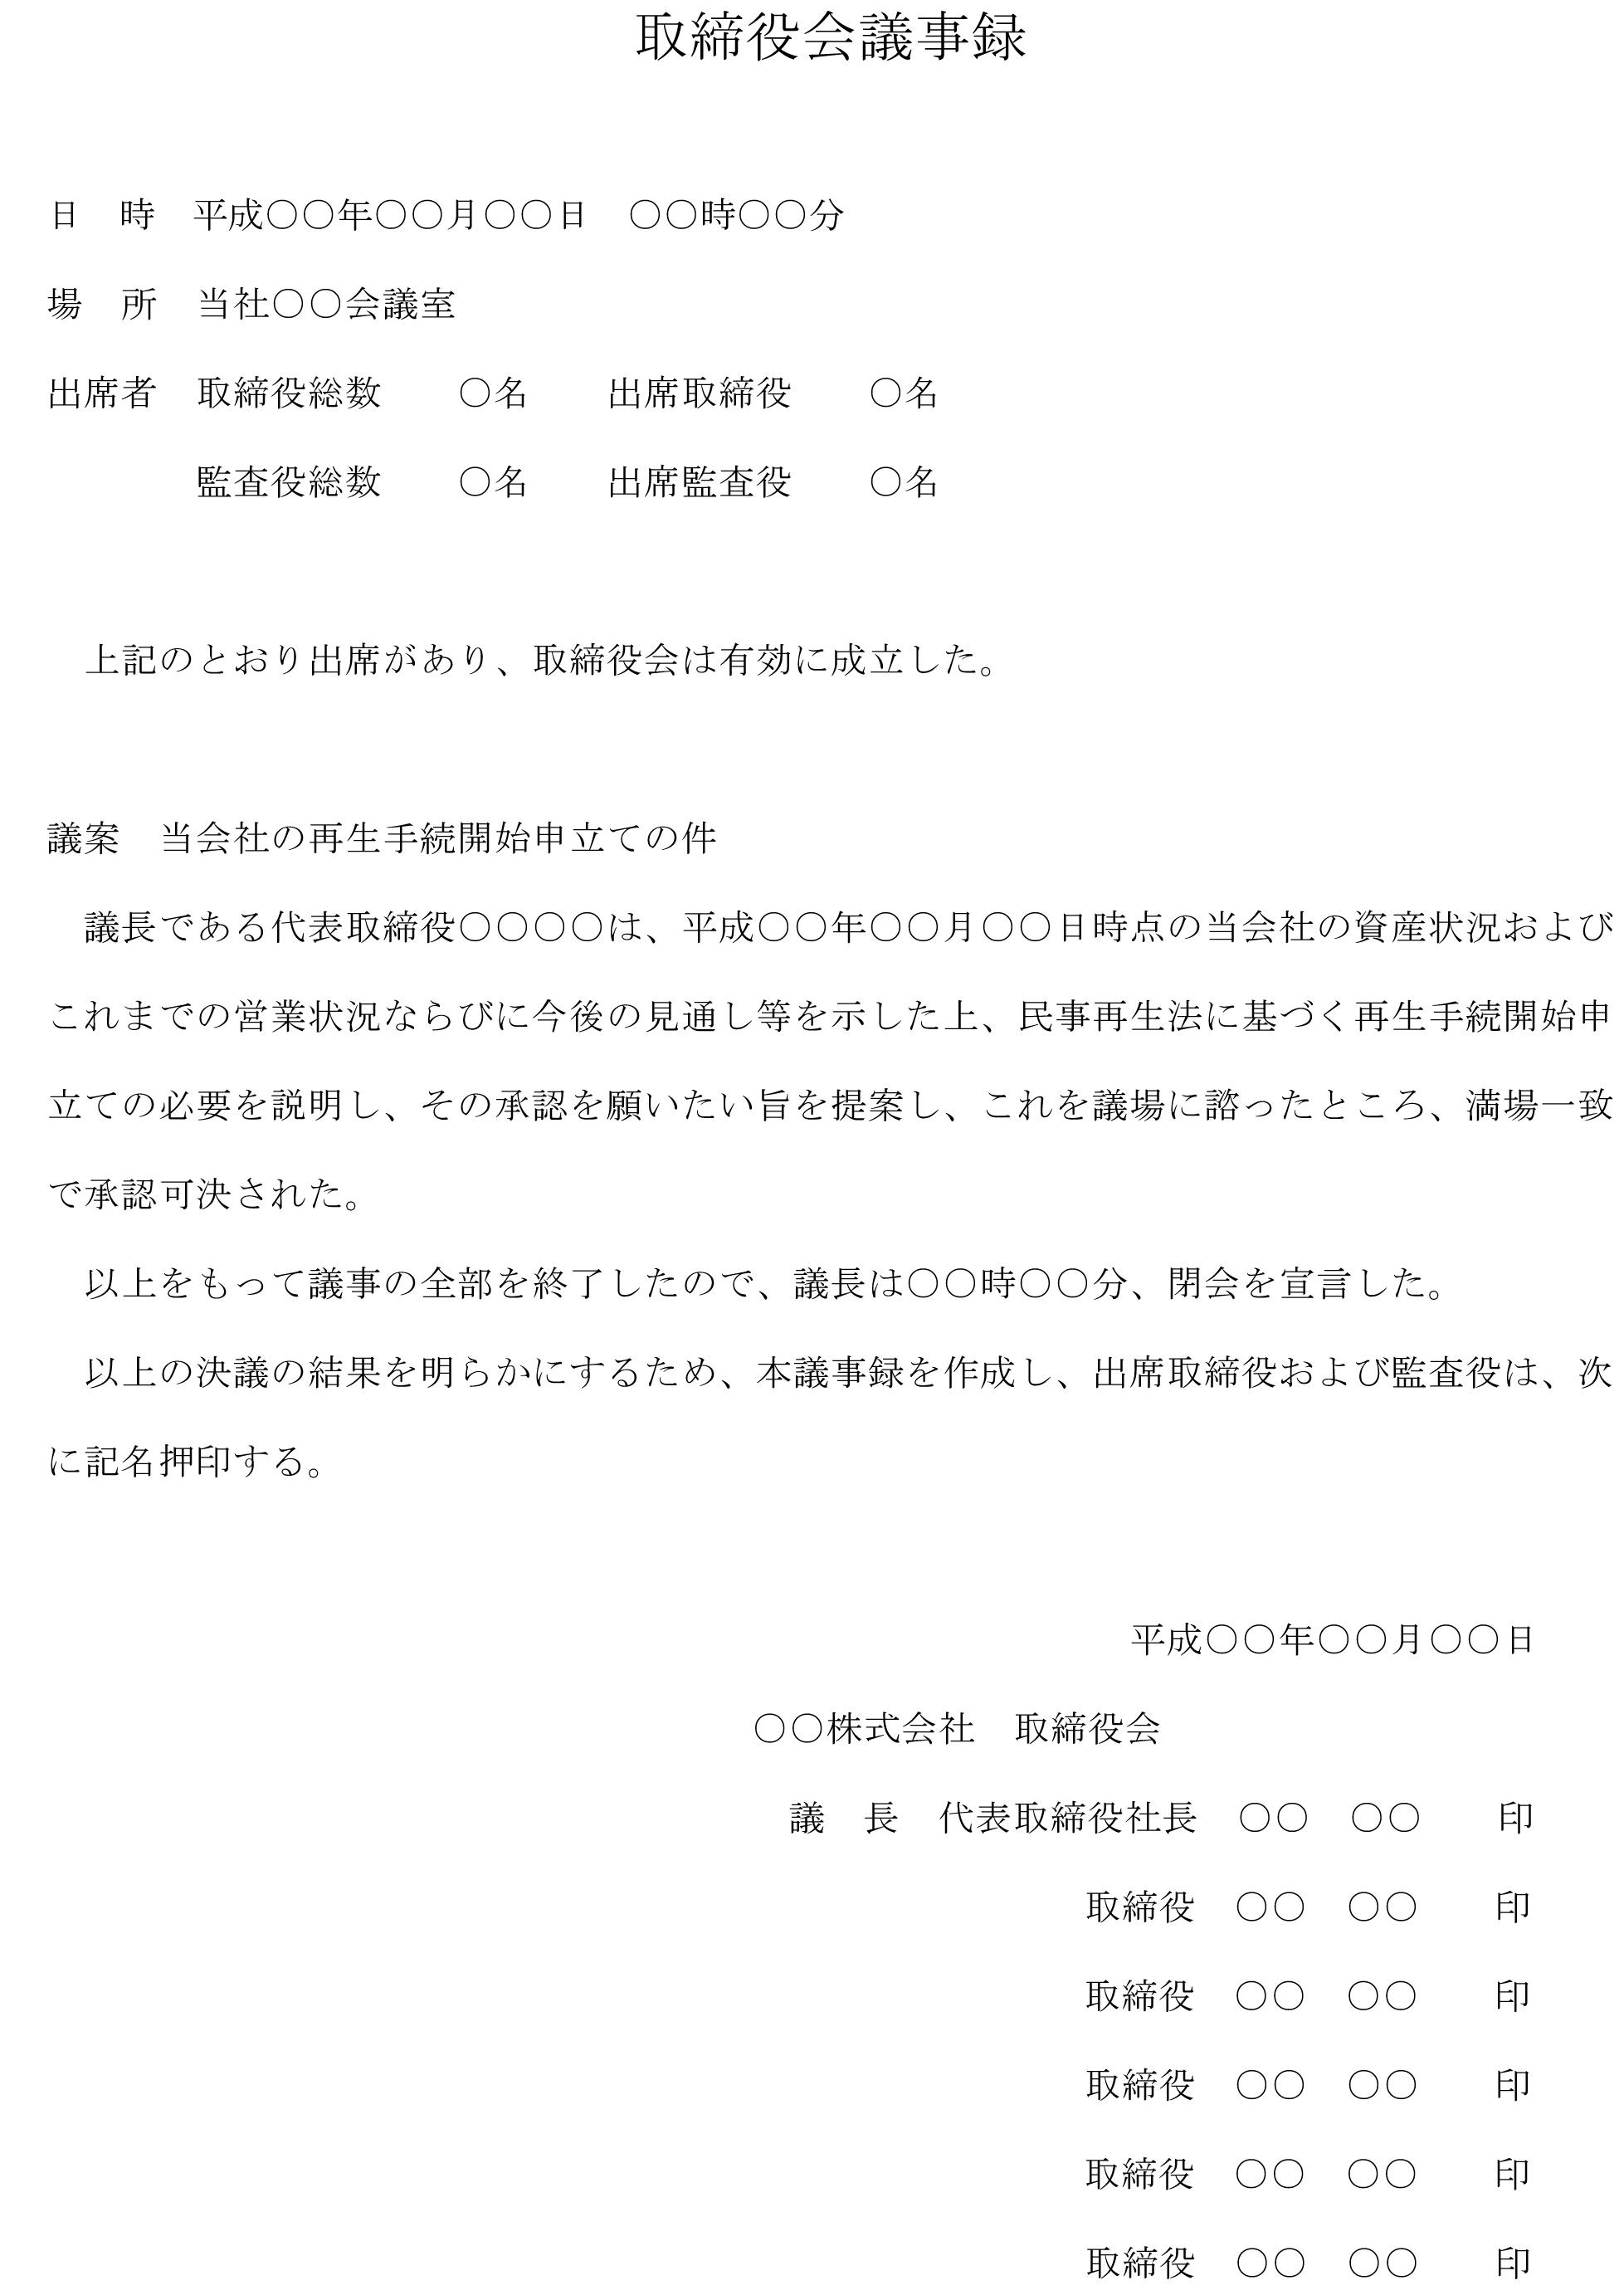 取締役会議事録(再生手続開始の申立)